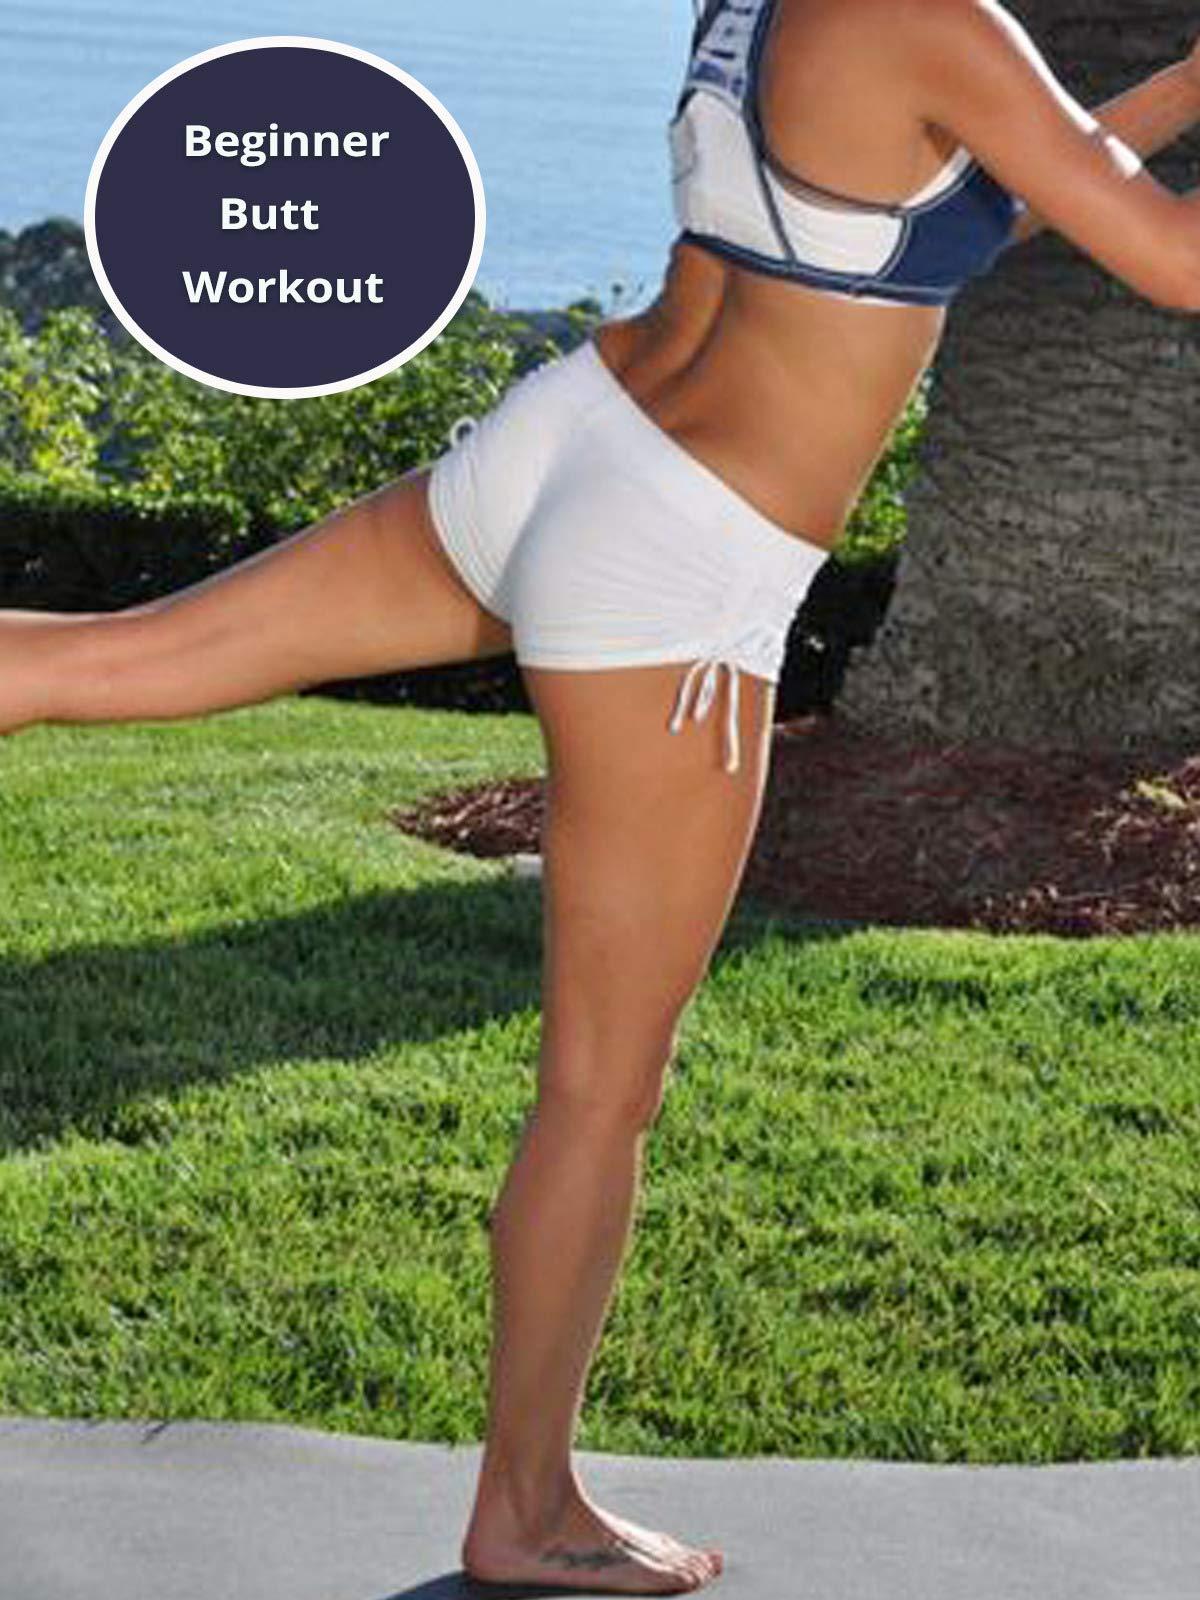 Beginner Butt Workout